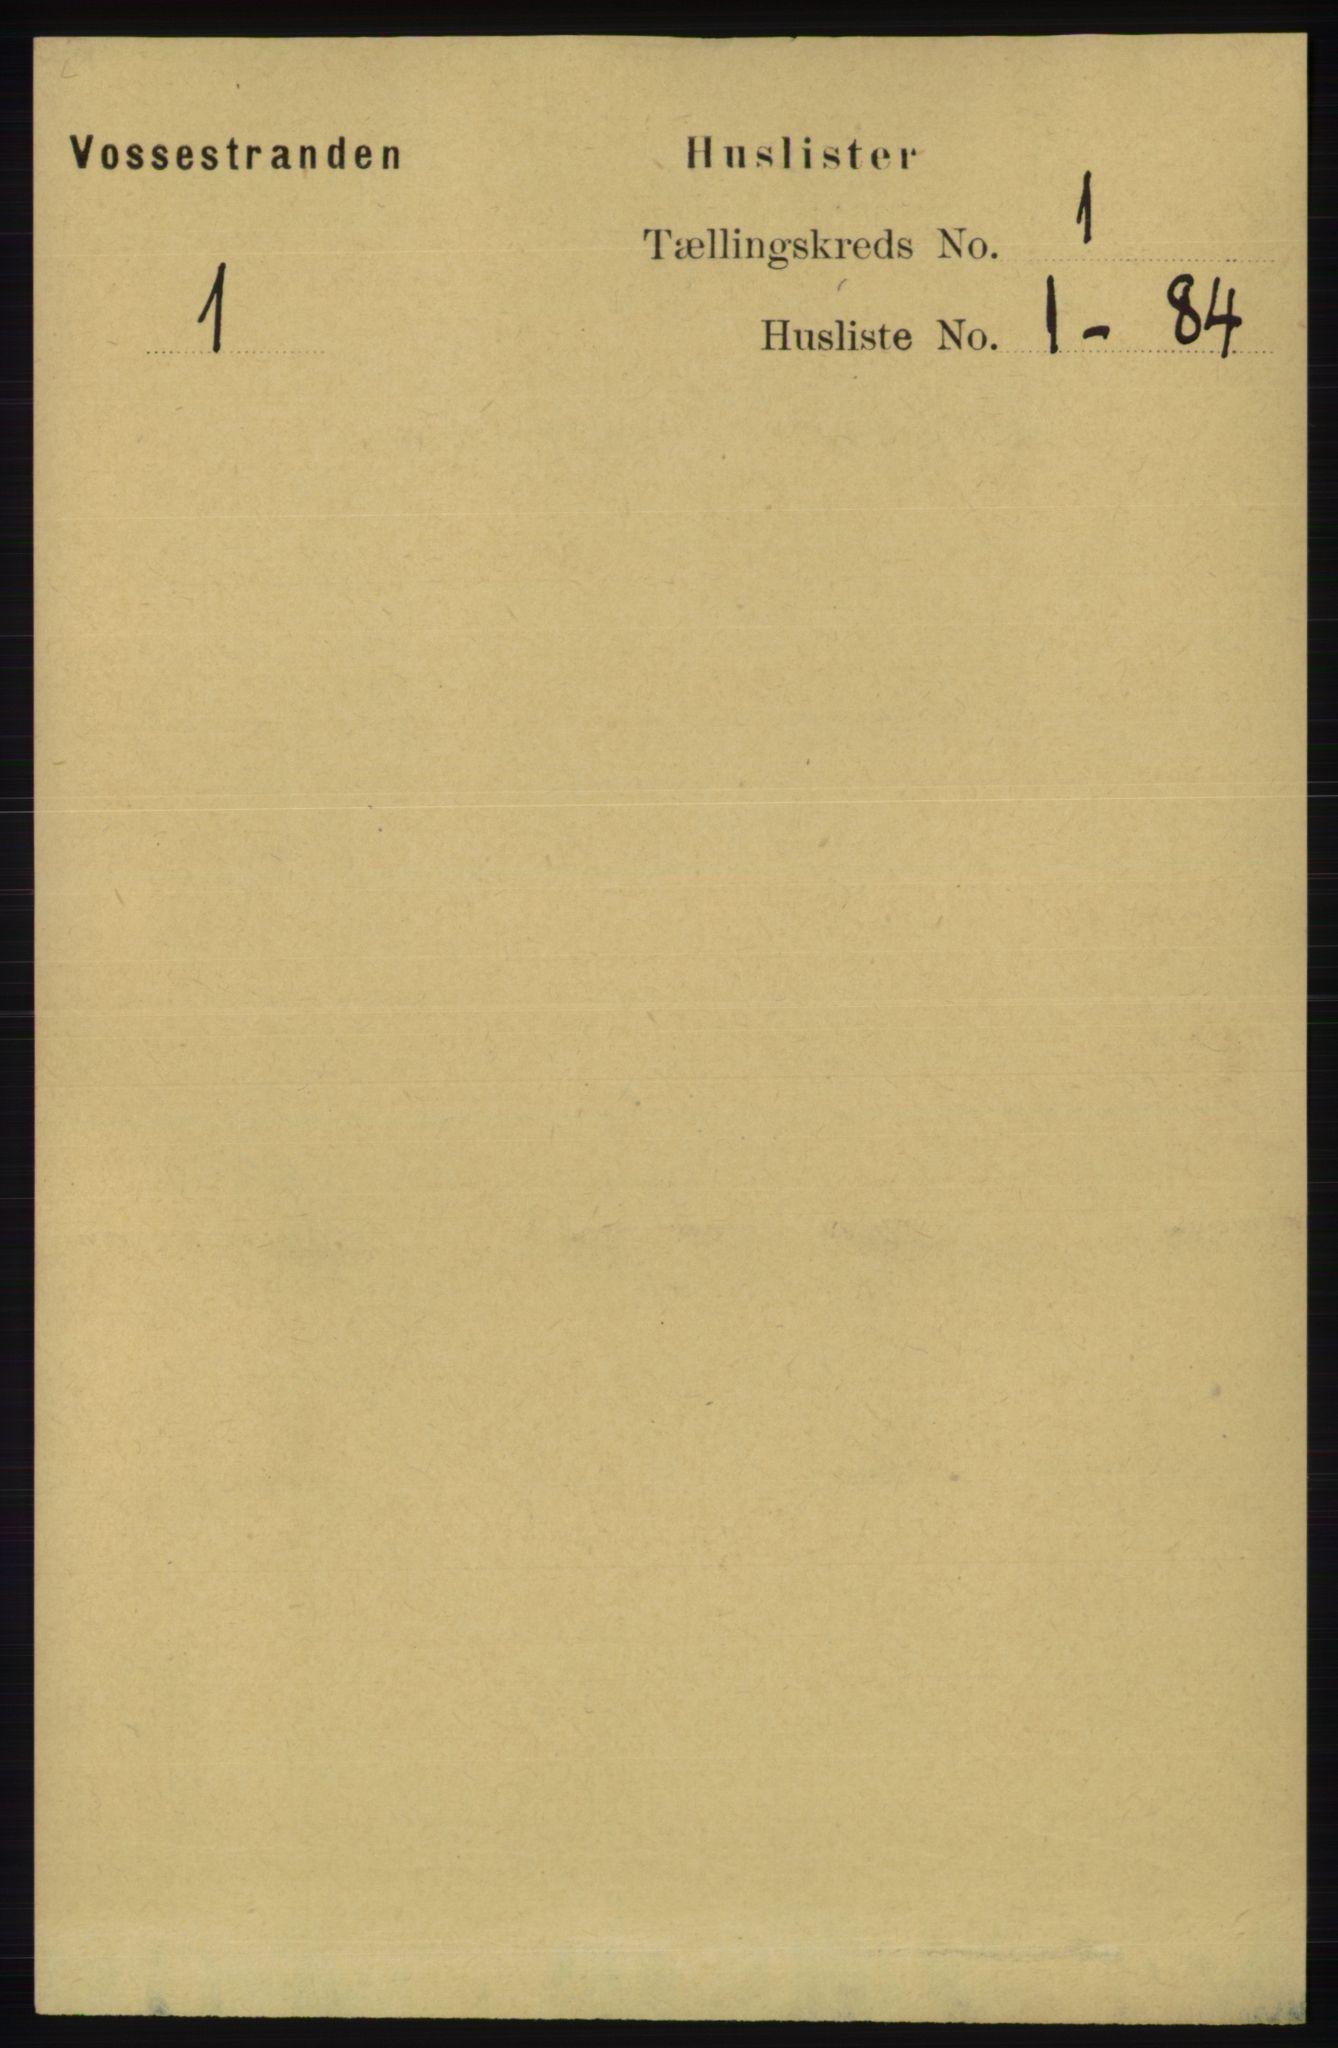 RA, Folketelling 1891 for 1236 Vossestrand herred, 1891, s. 19